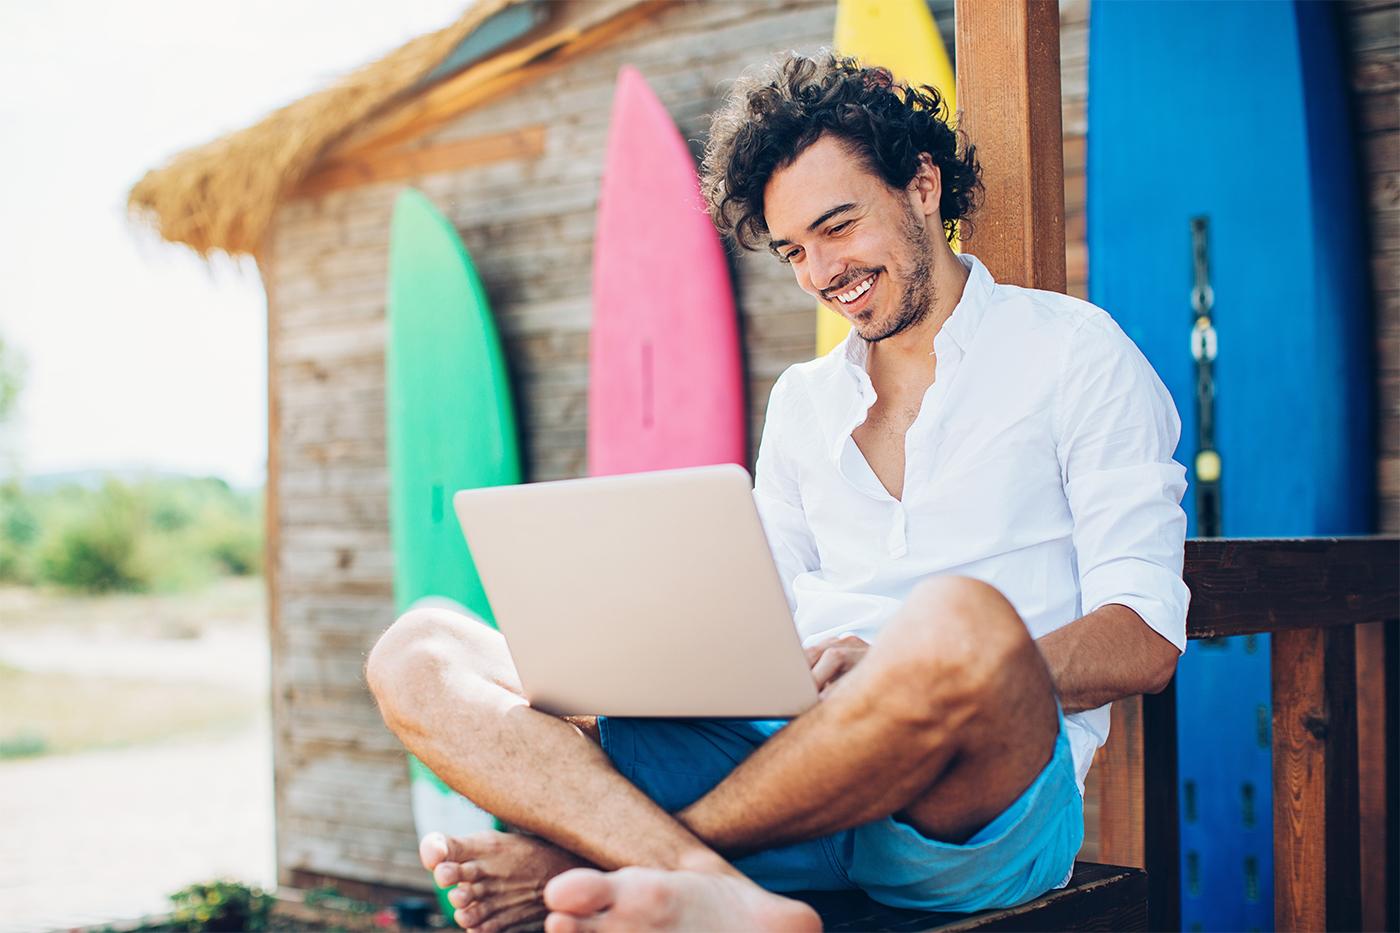 Man using laptop at remote island residence